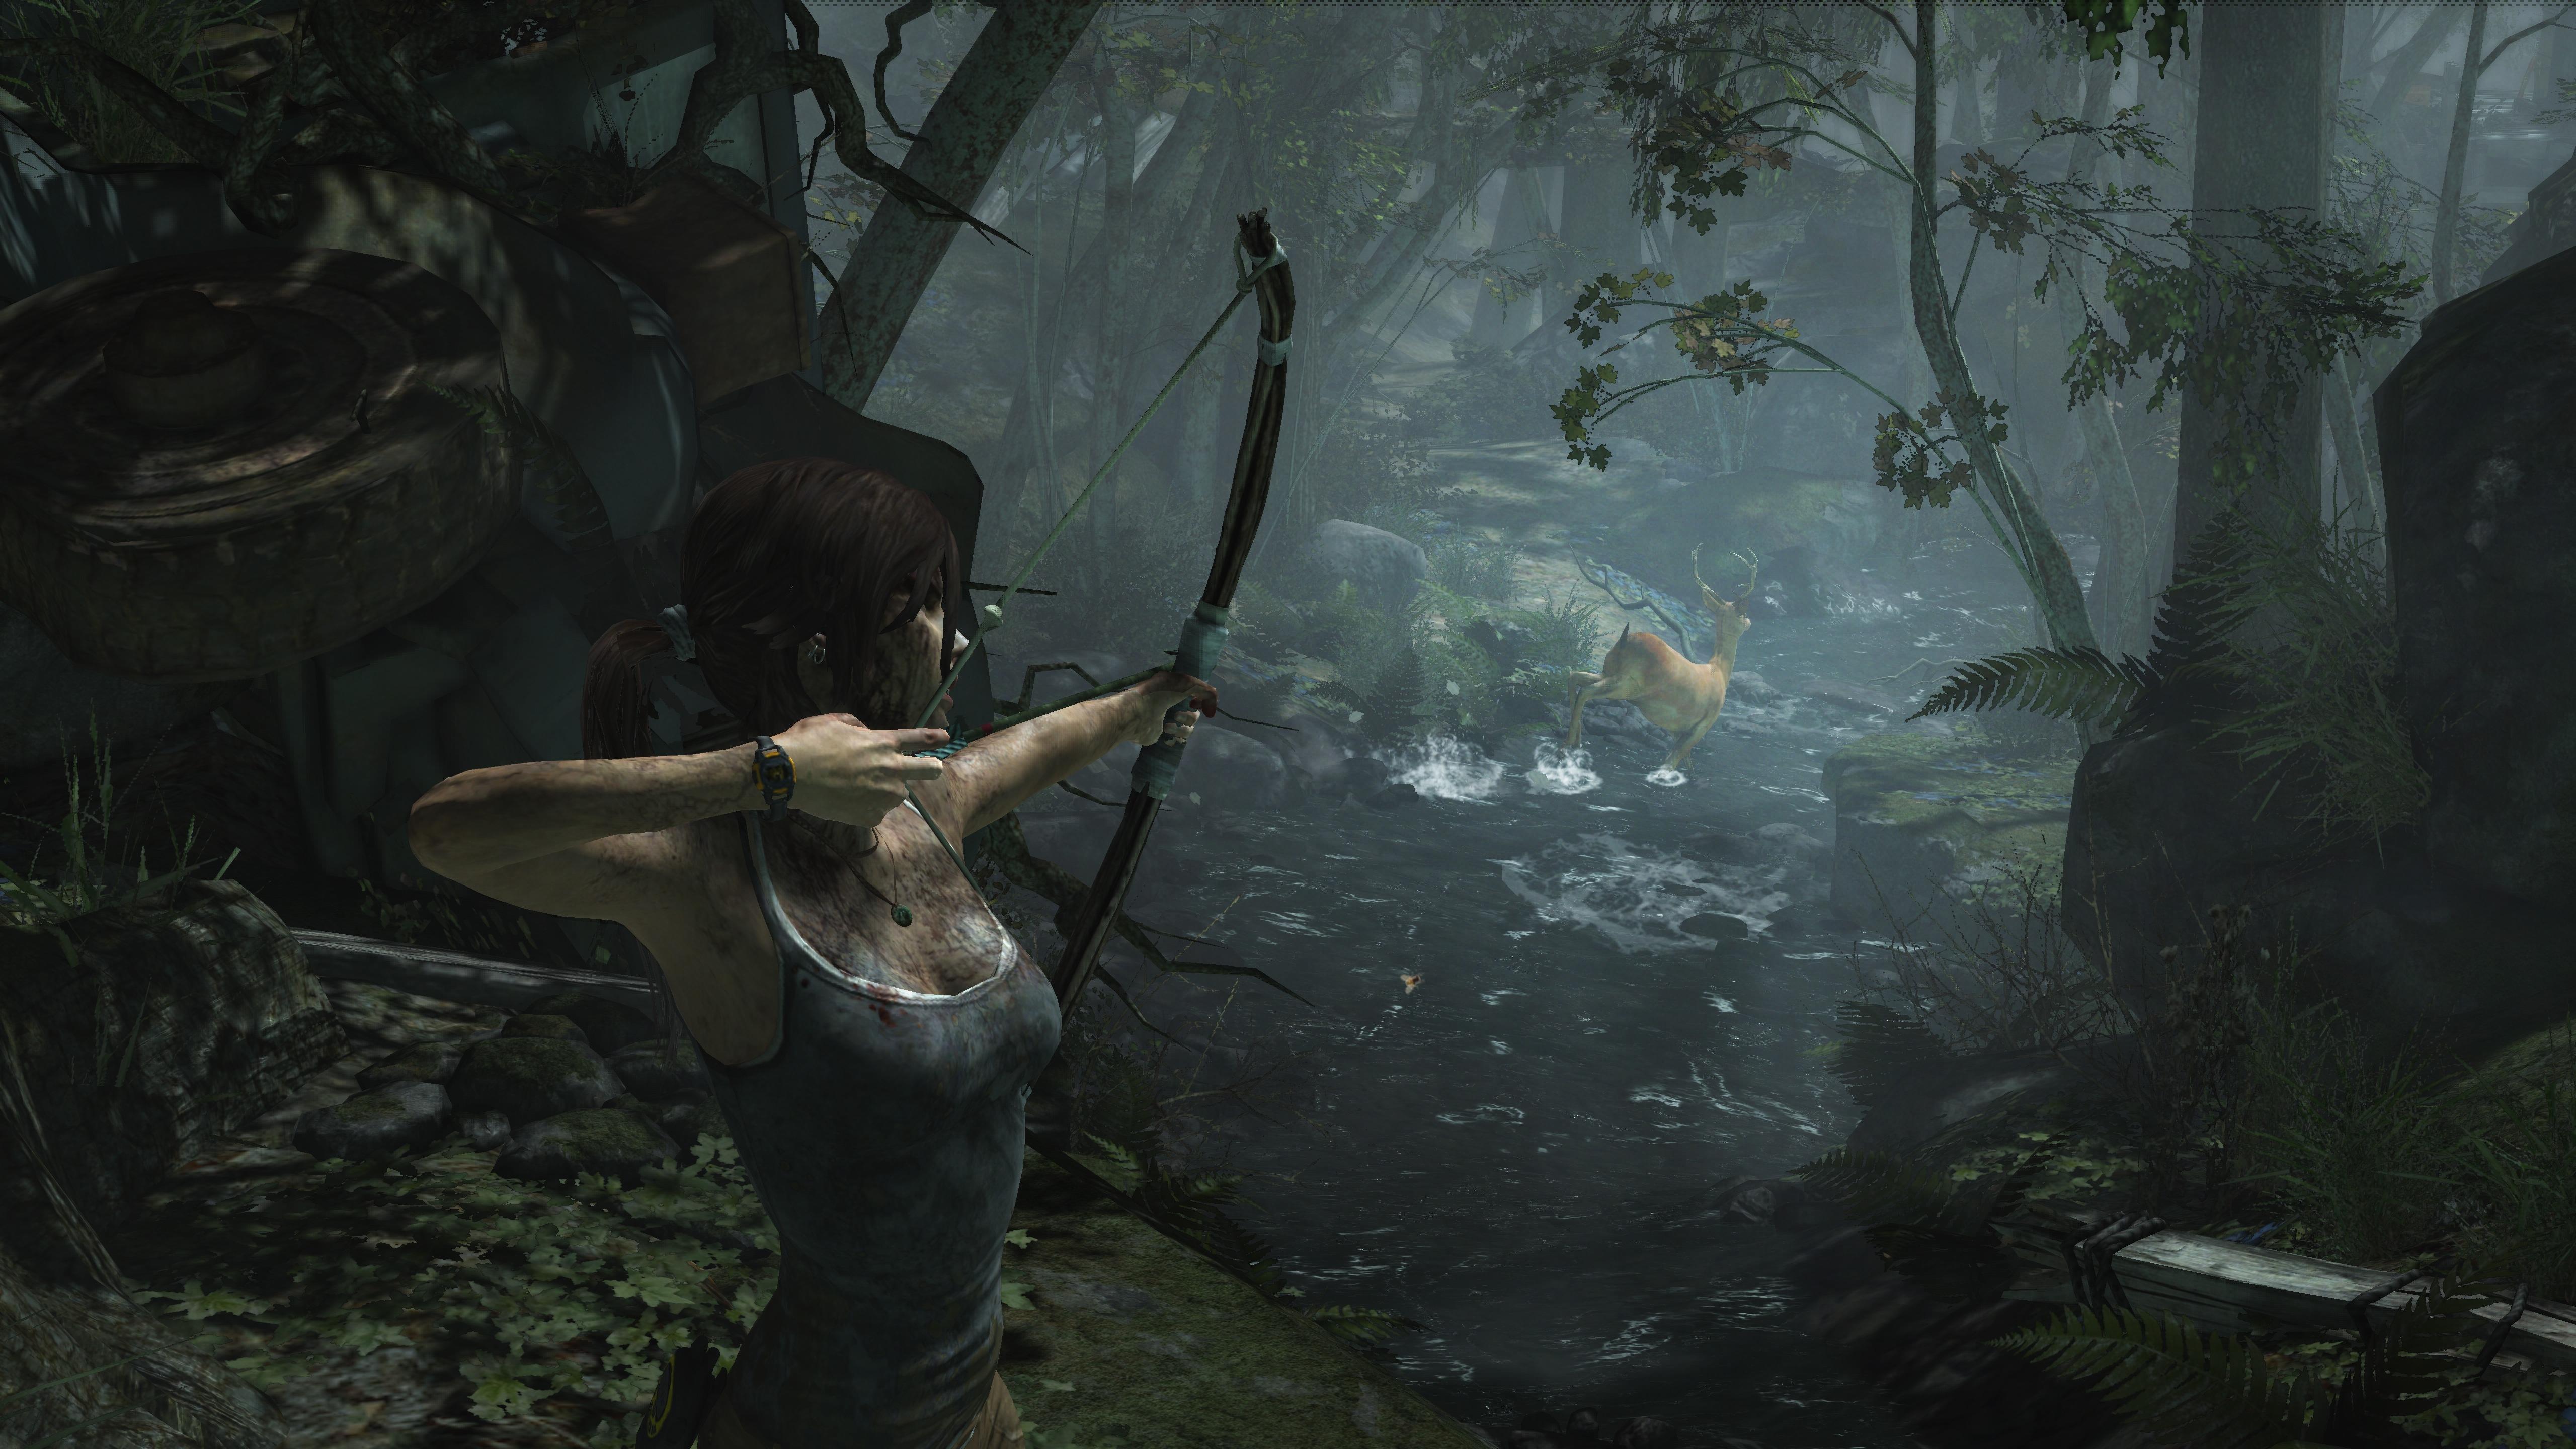 Lara craft innocent erotic images